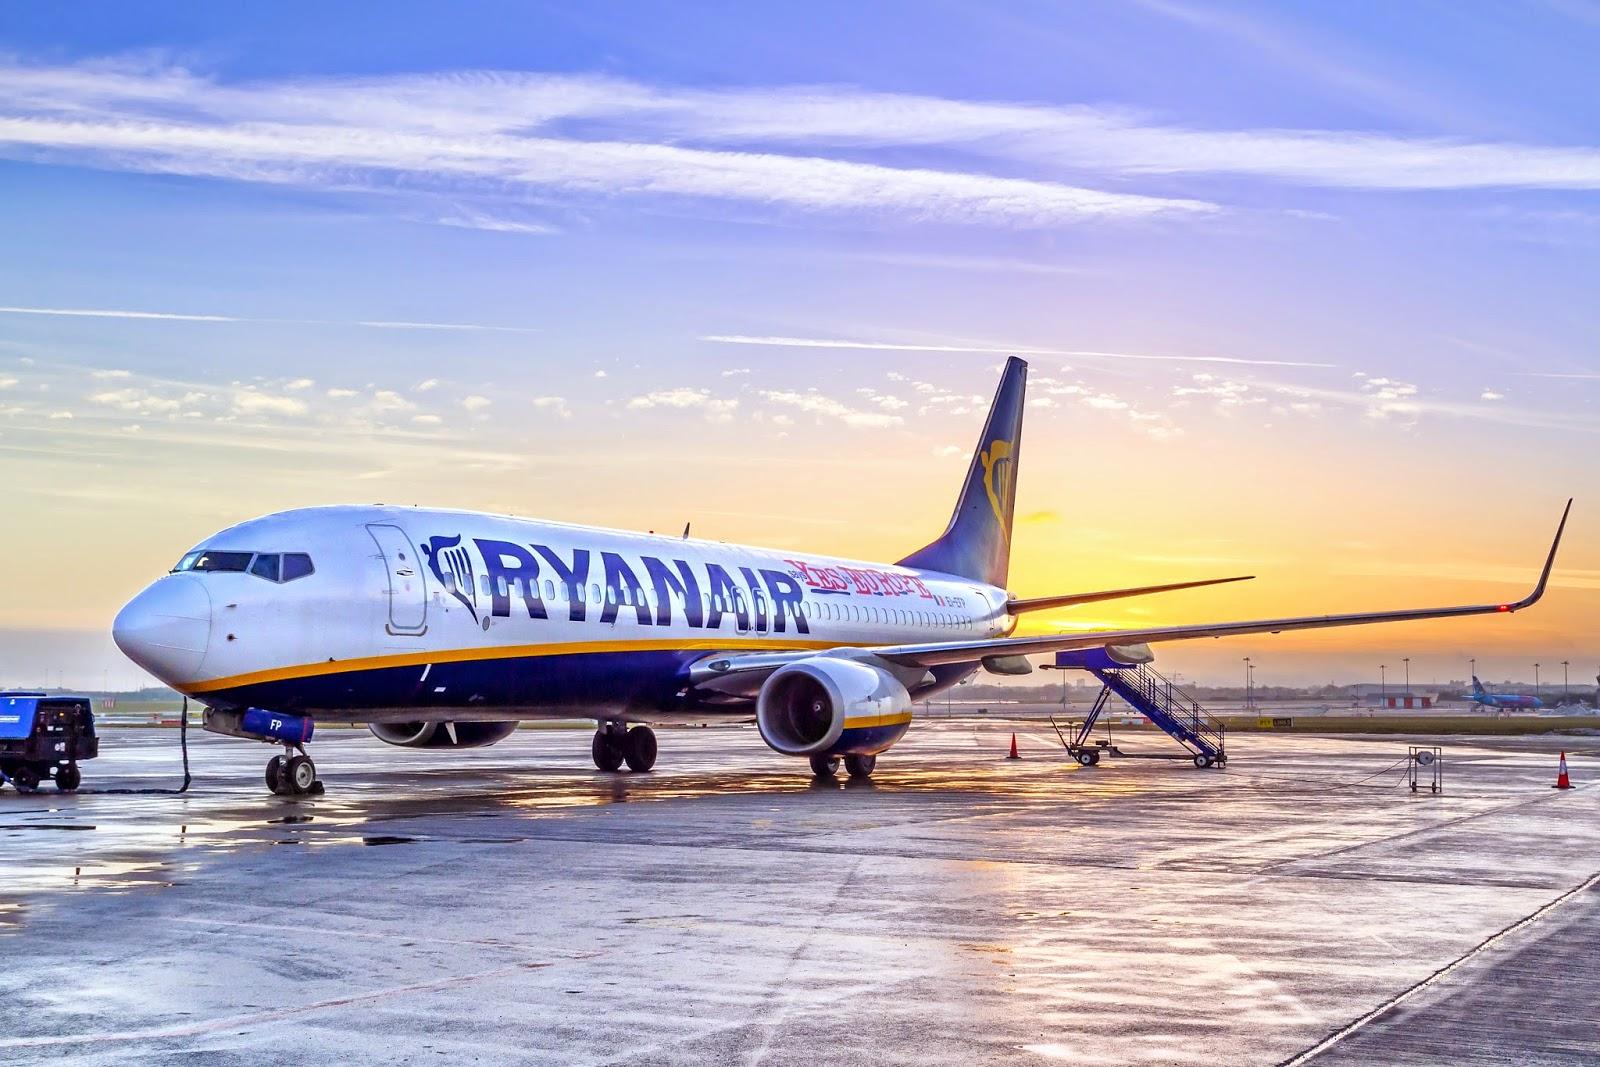 Як шукати такі авіакомпанії  Як придбати найдешевший квиток  До яких  хитрощів можна вдатися 830a41c19c56b